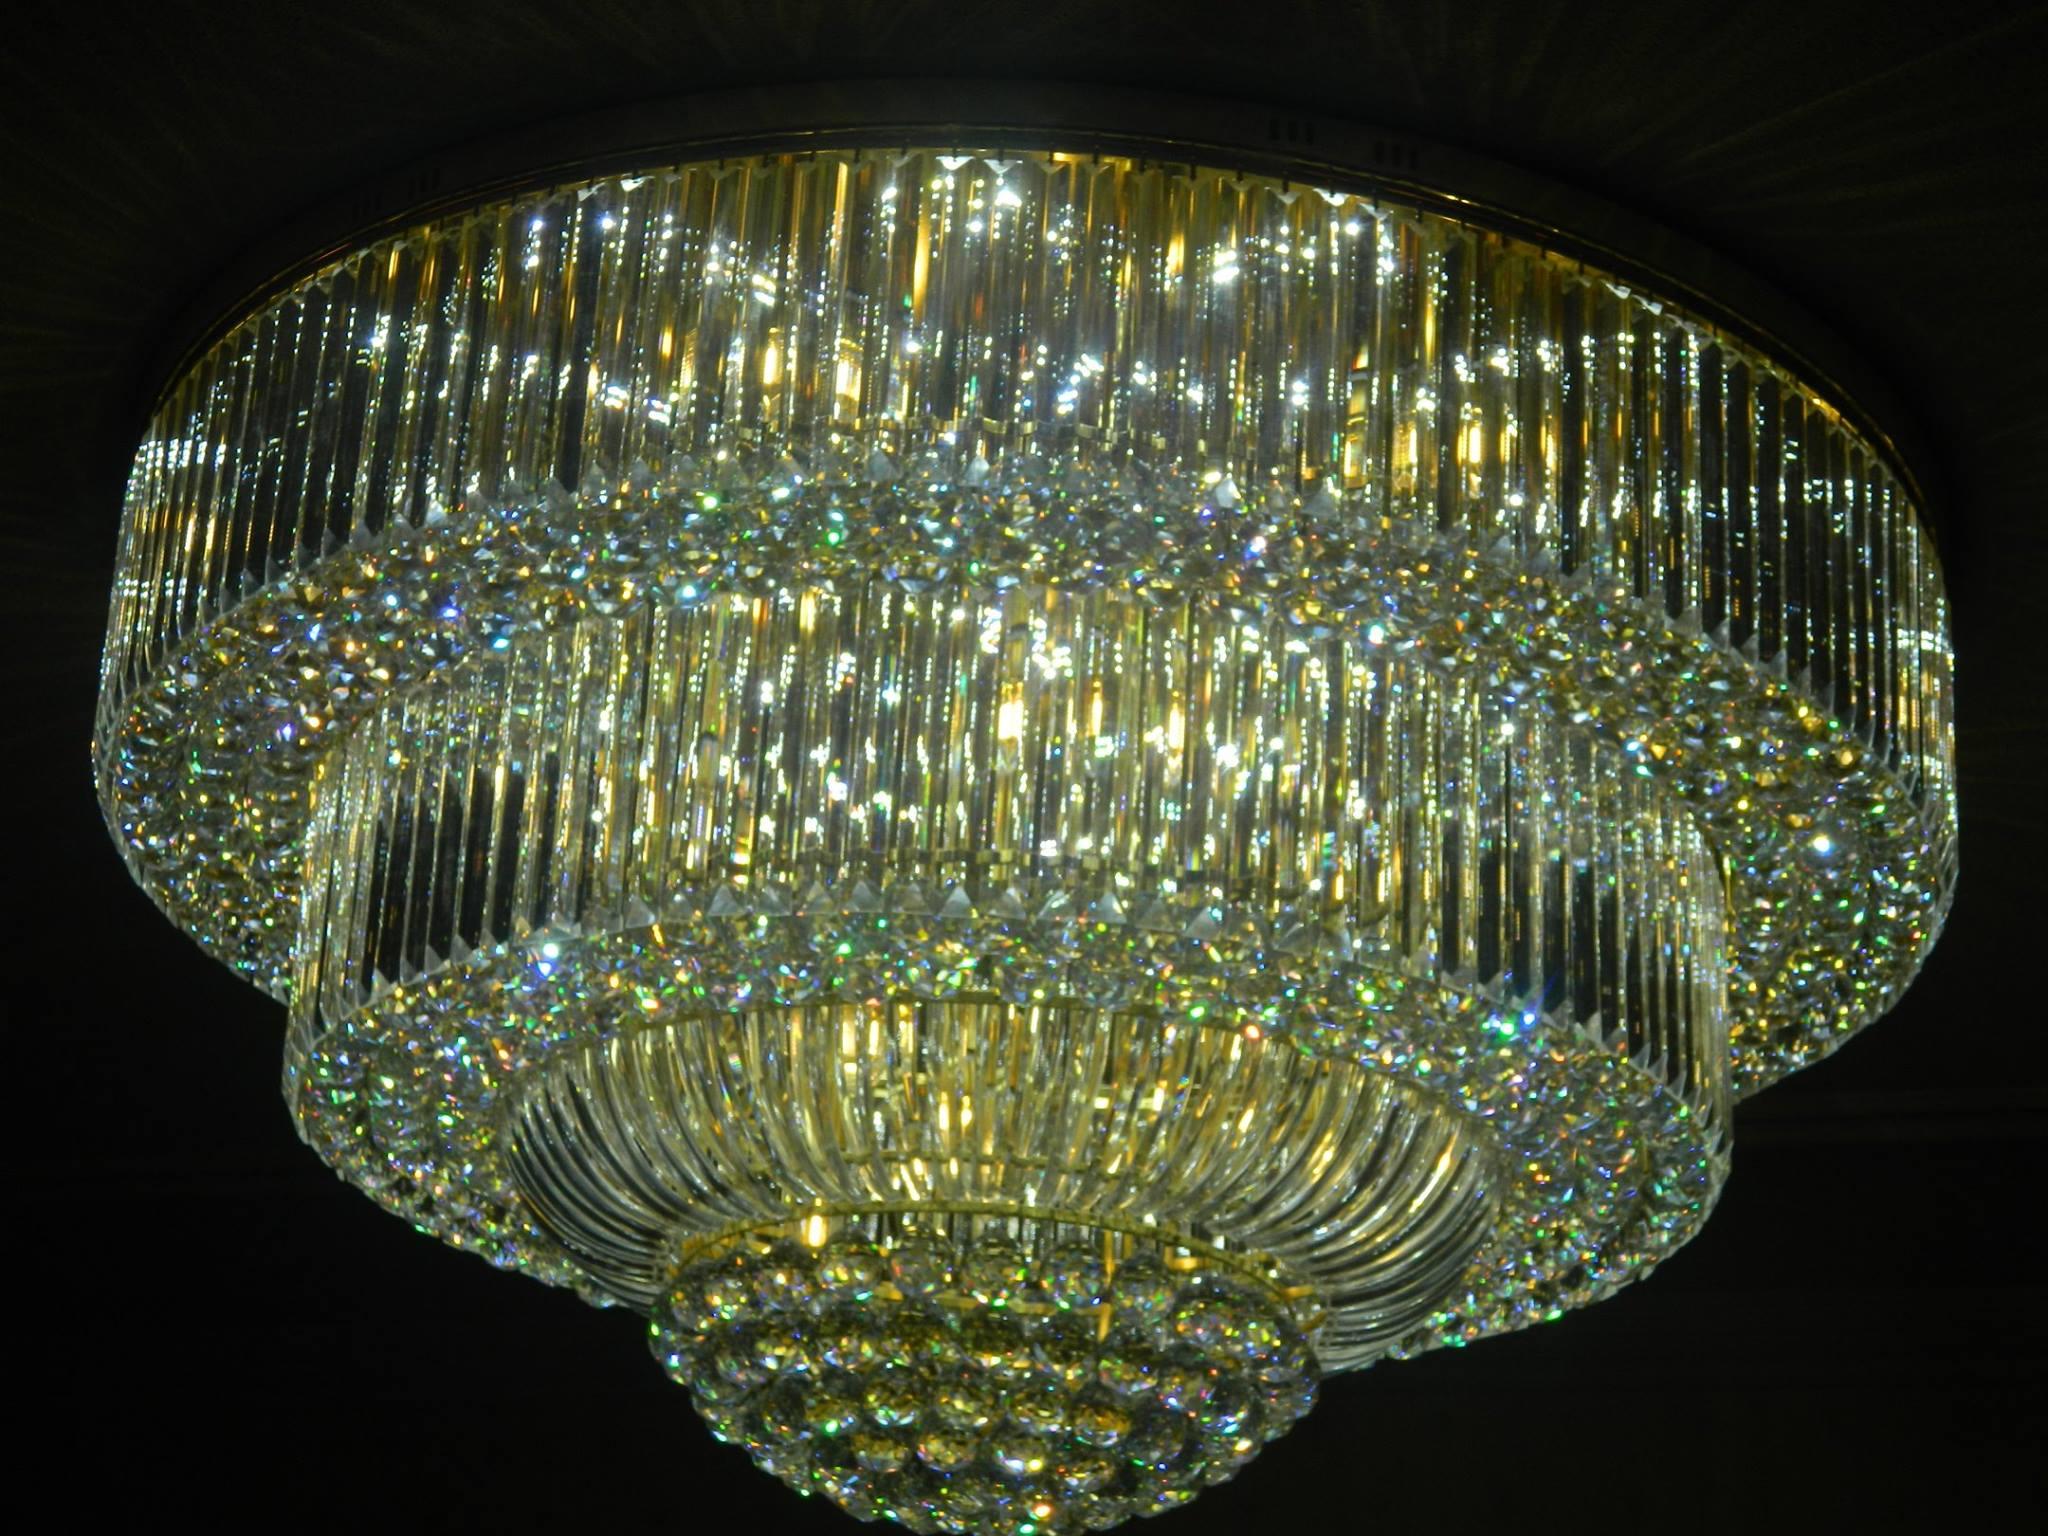 pasang-lampu-kristal-bapak-syam-13